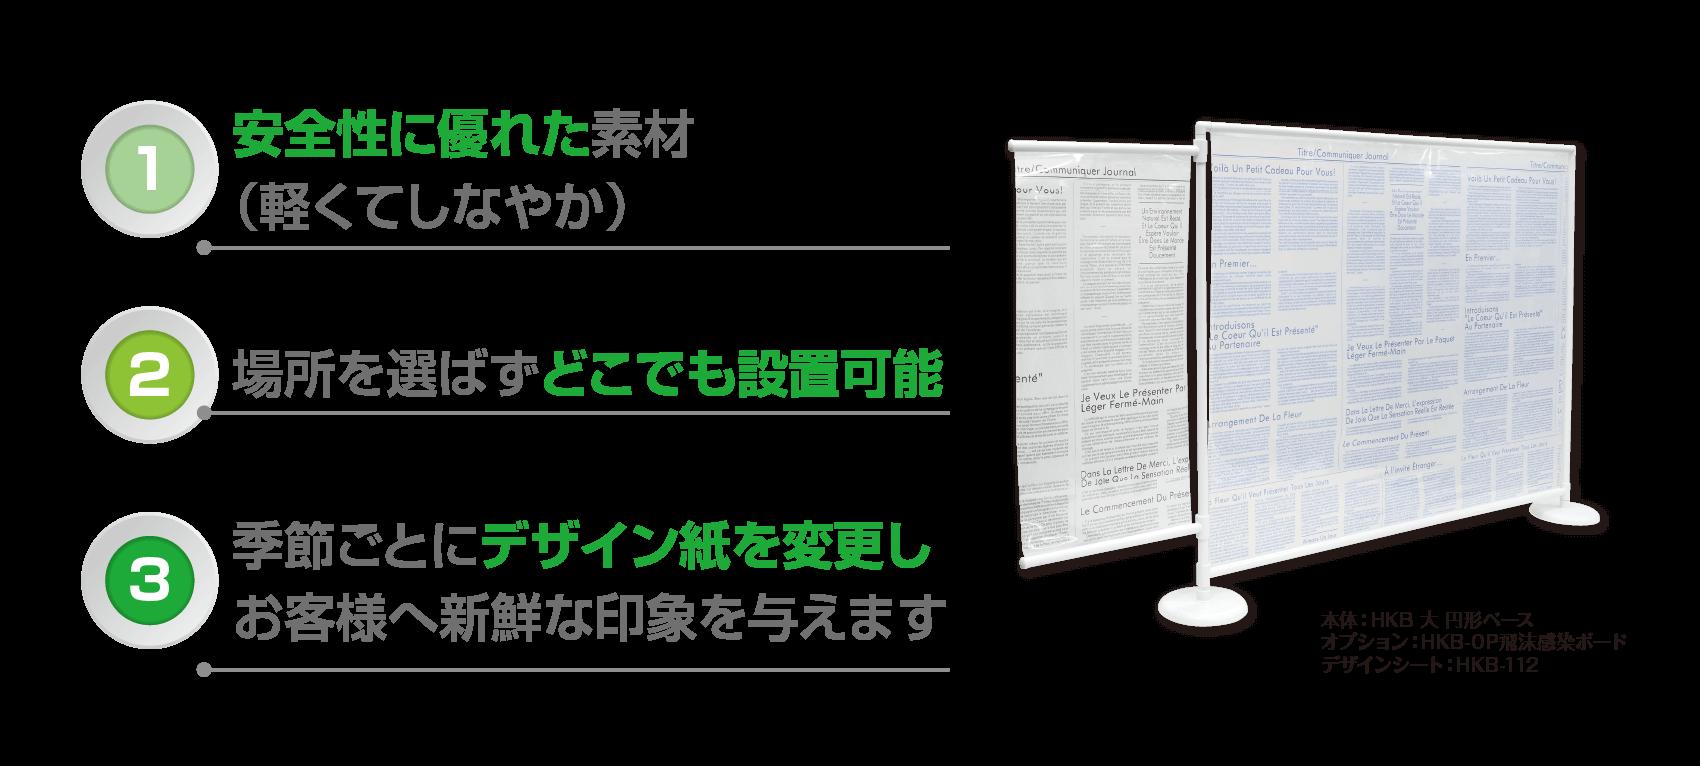 1安全性に優れた素材(軽くてしなやか) 2場所を選ばずどこでも設置可能 3季節ごとにデザイン紙を変更しお客様へ新鮮な印象を与えます